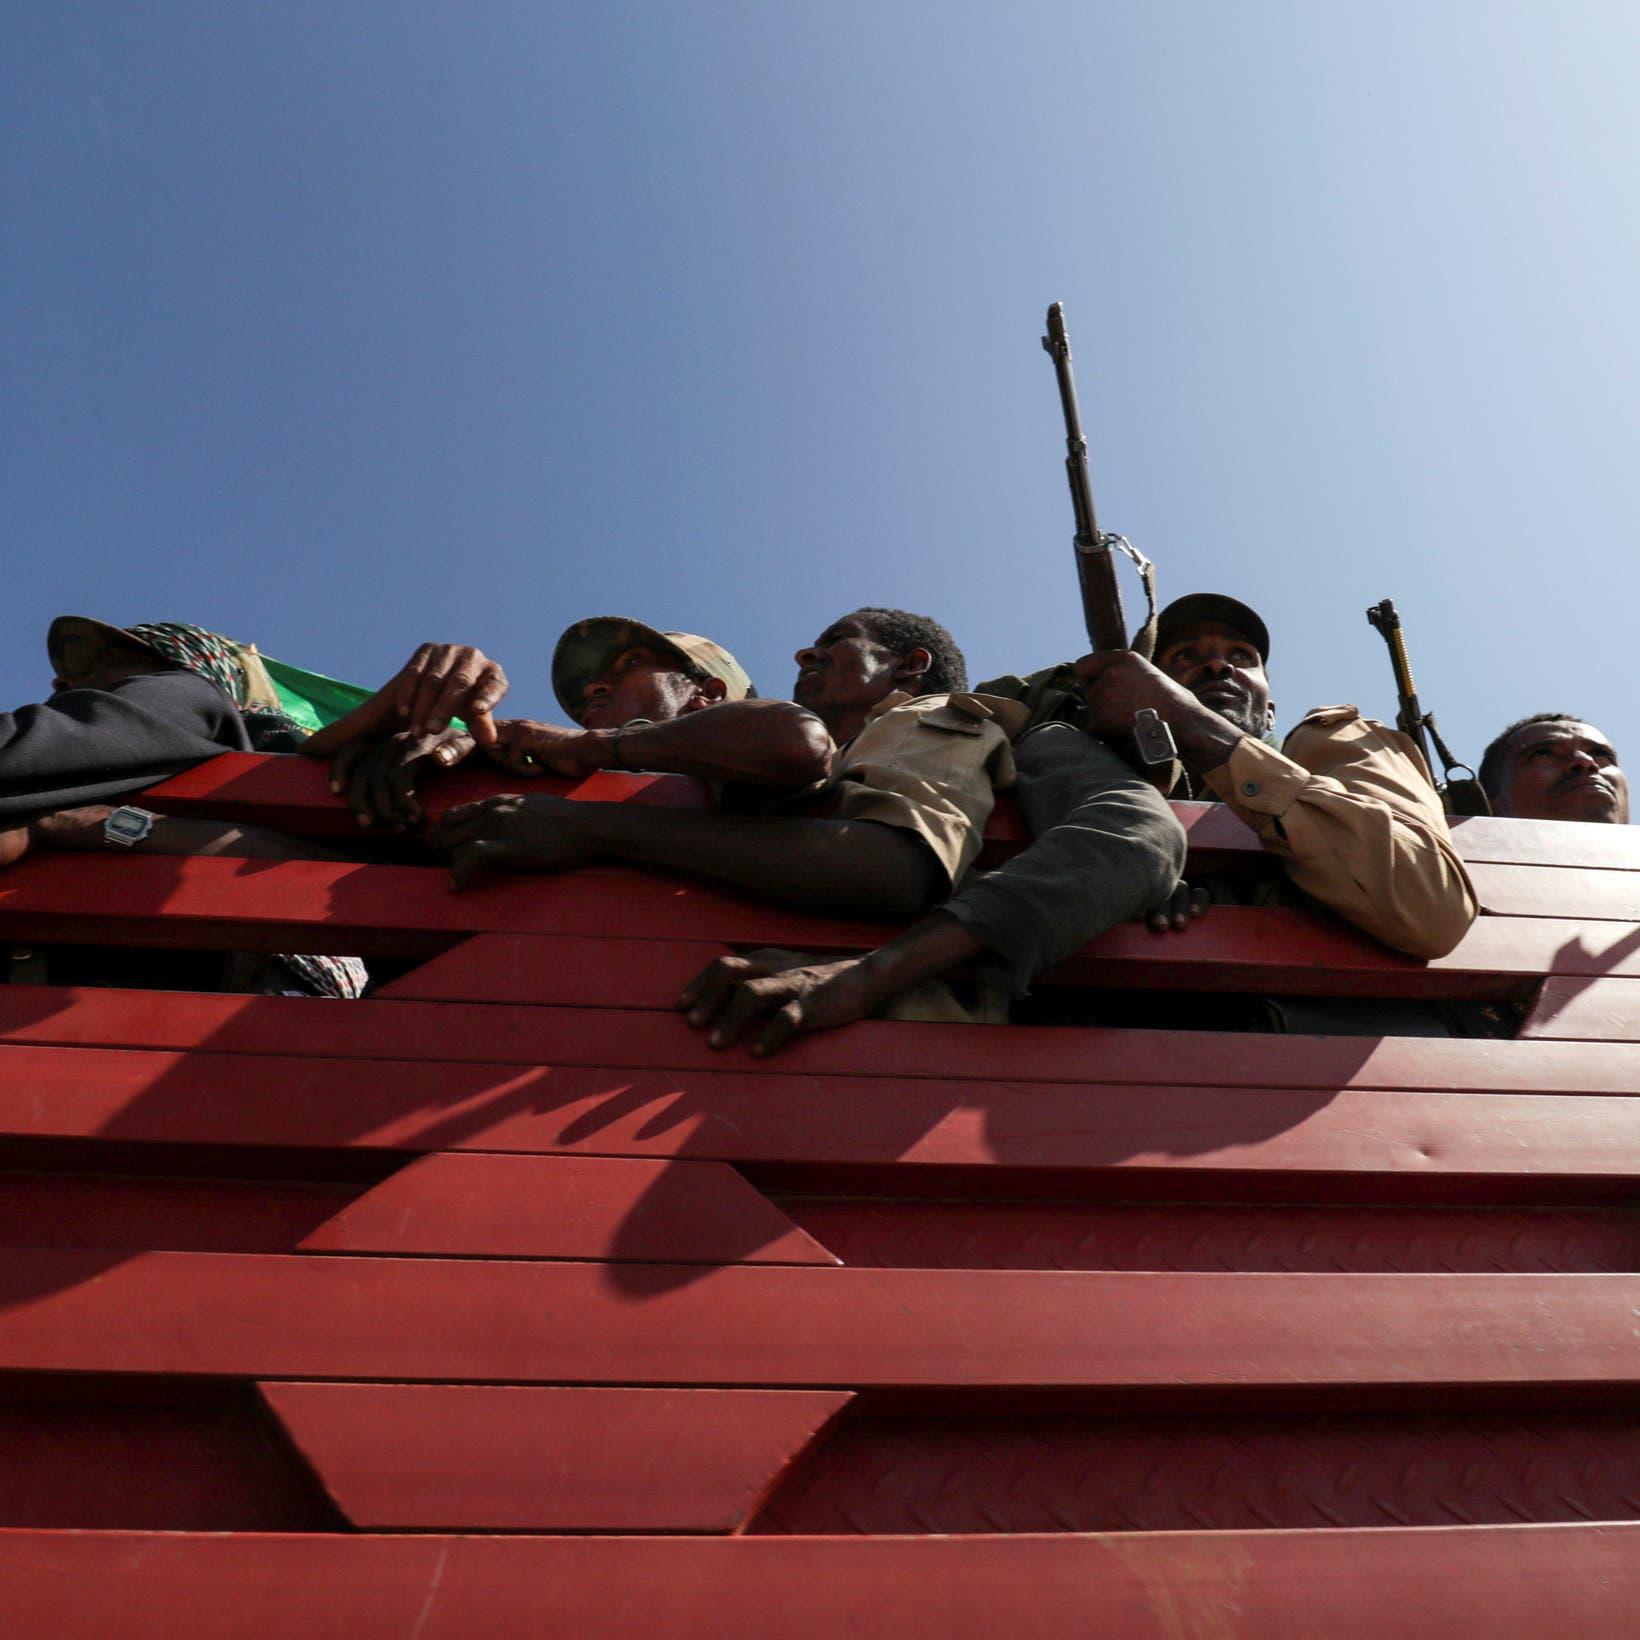 تيغراي تهدد الأمهرة.. وإثيوبيا: نستطيع تحقيق أهدافنا بمفردنا